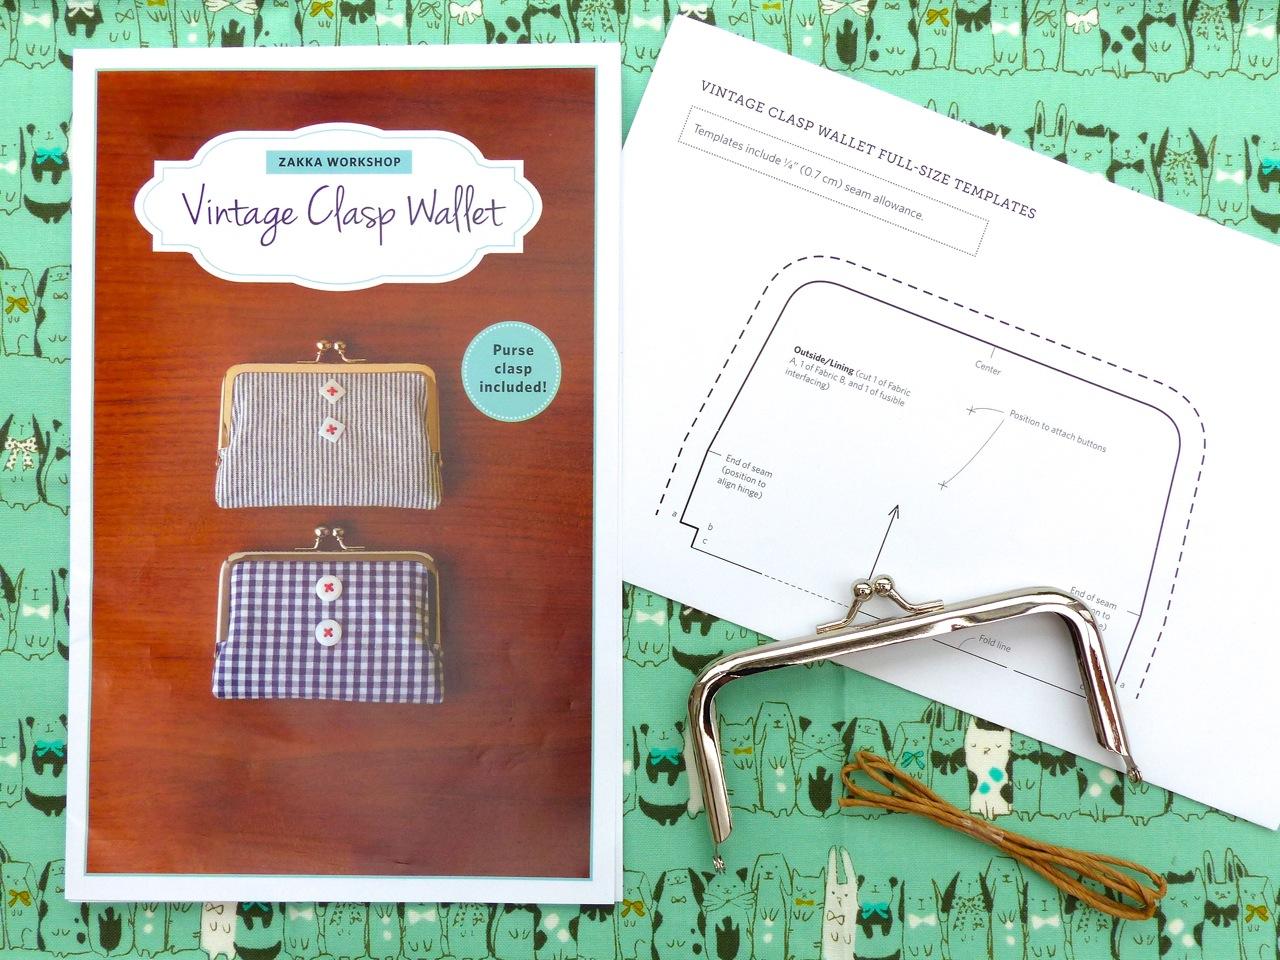 verykerryberry: Zakka Workshop: Purse Kits Review